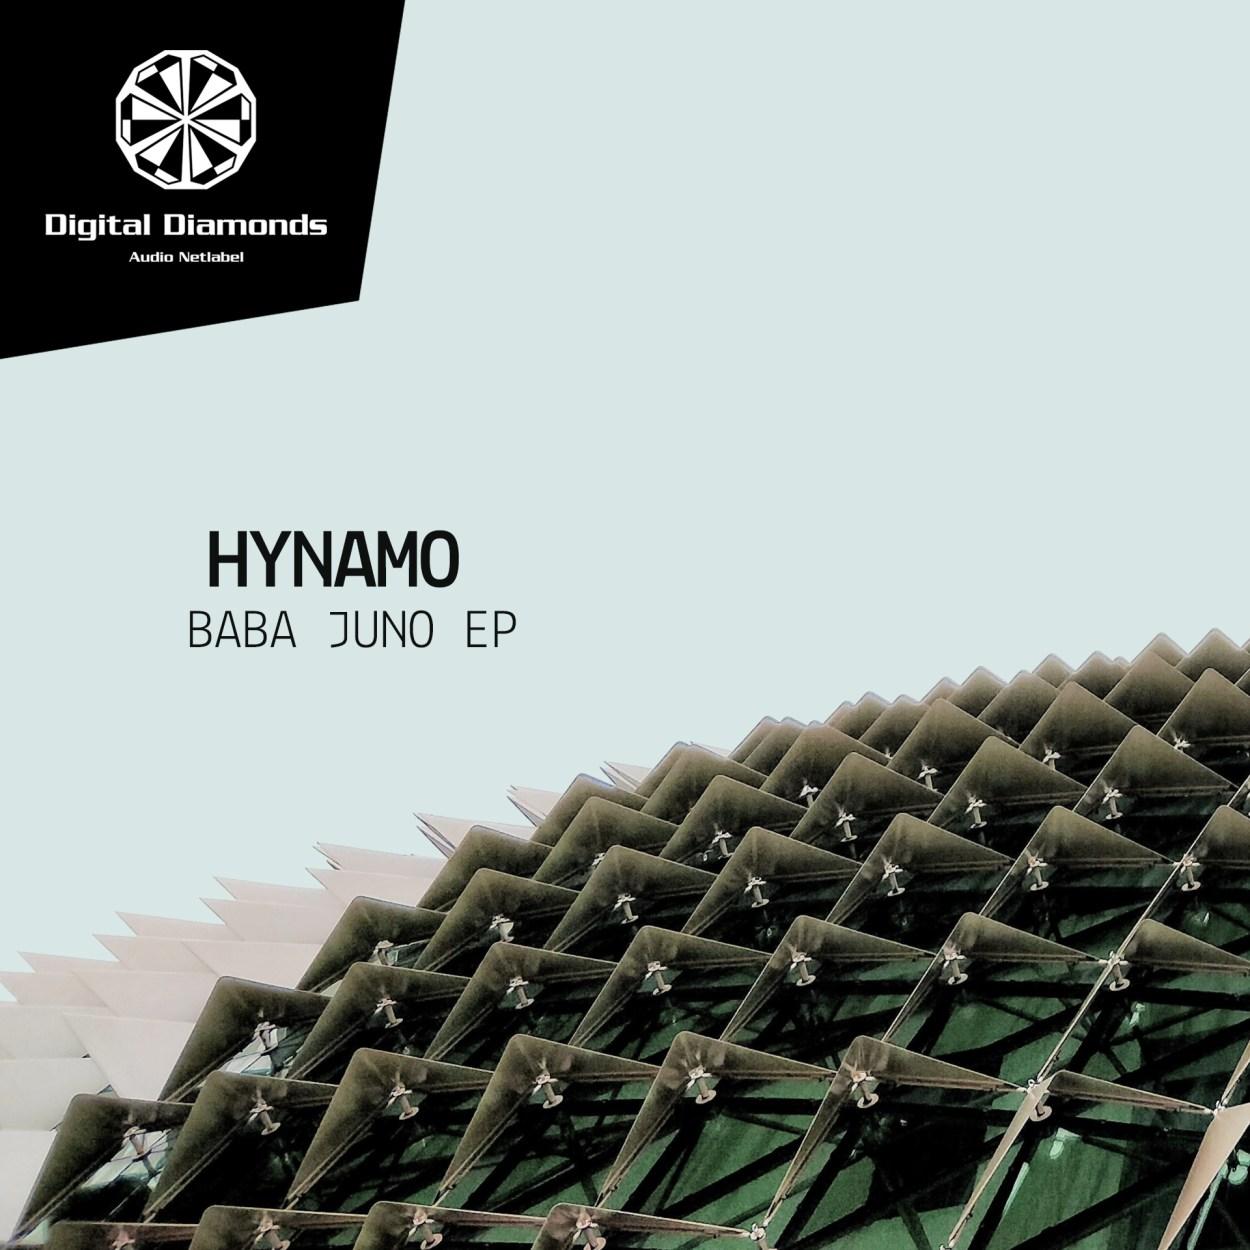 Hynamo – Baba Juno EP